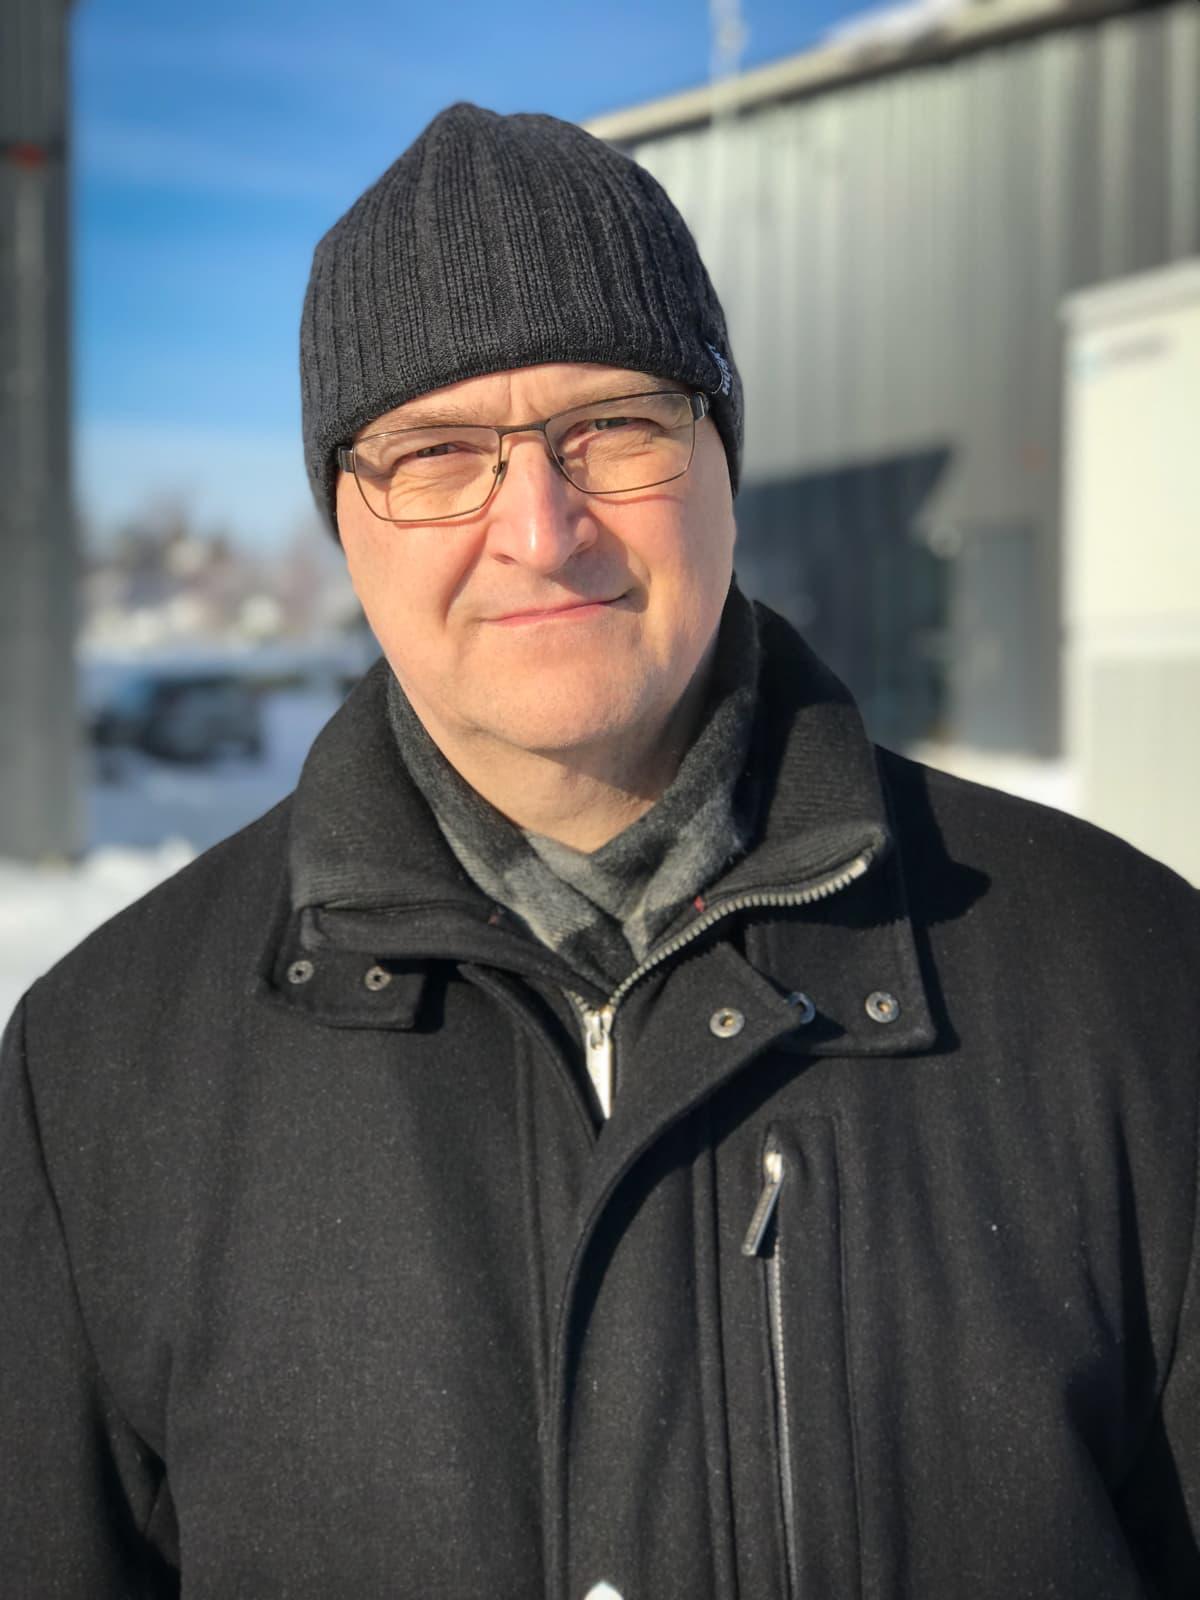 Pertti Järventausta, sähkövoimatekniikan professori, Tampereen yliopisto